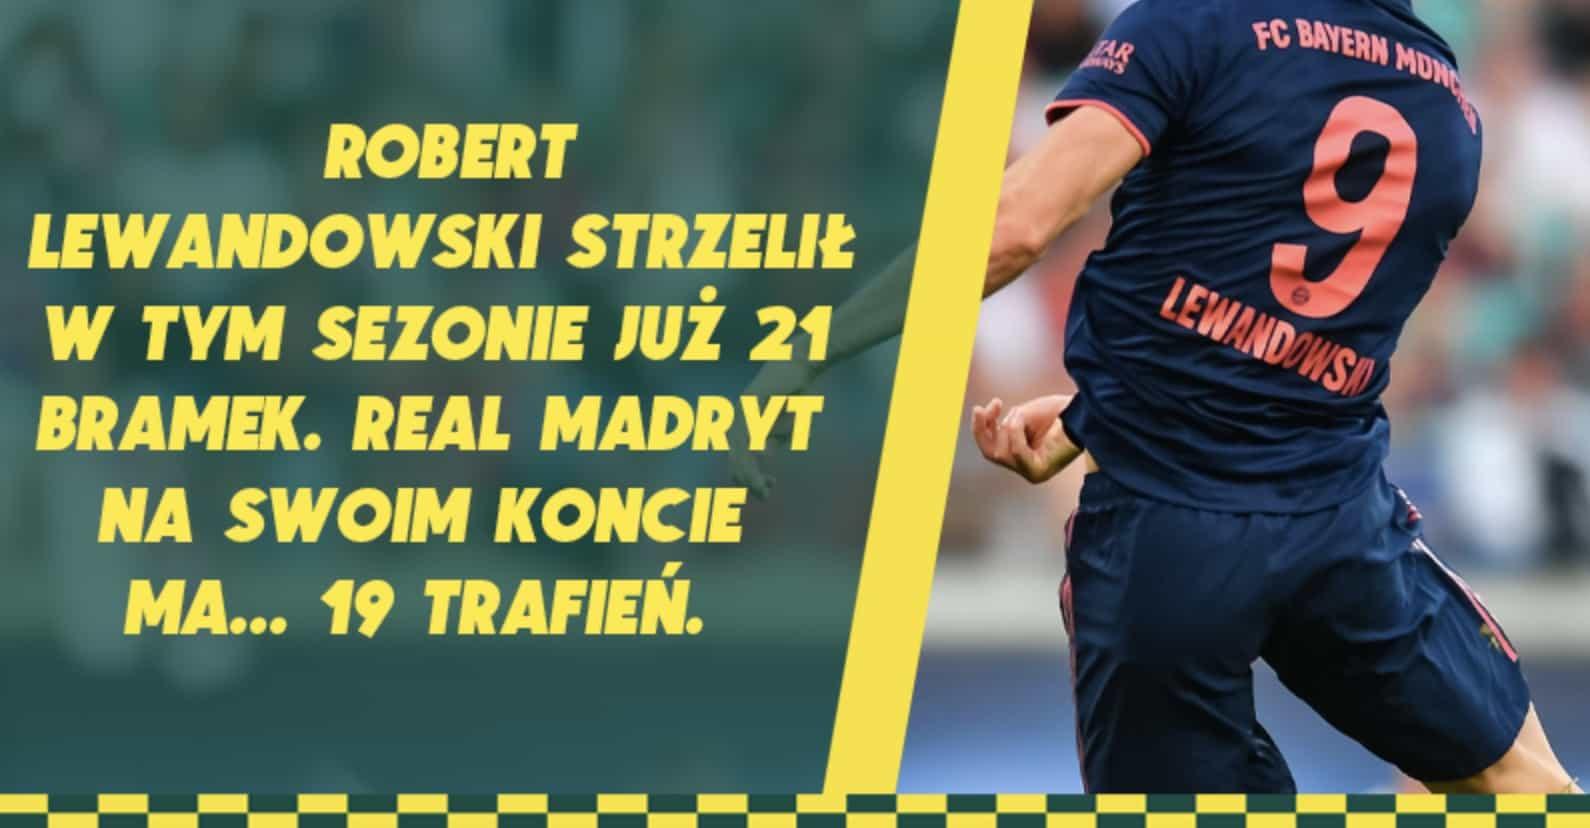 Zakłady Specjalne Betfan listopad 2019. Lewandowski lepszy od Messi'ego?